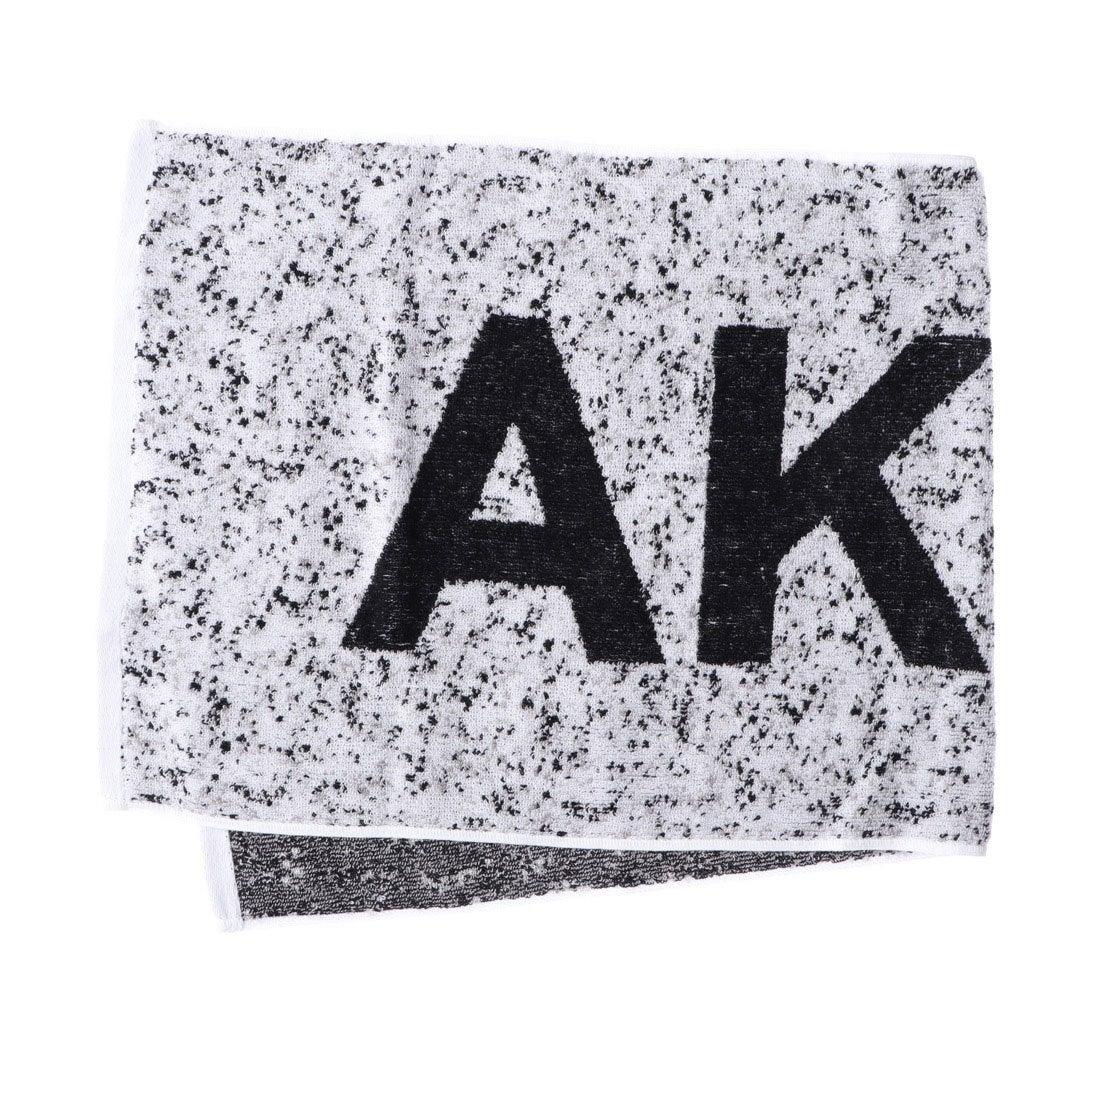 アクター AKTR バスケットボール ウェア/小物 SPORTS TOWEL 118-048021